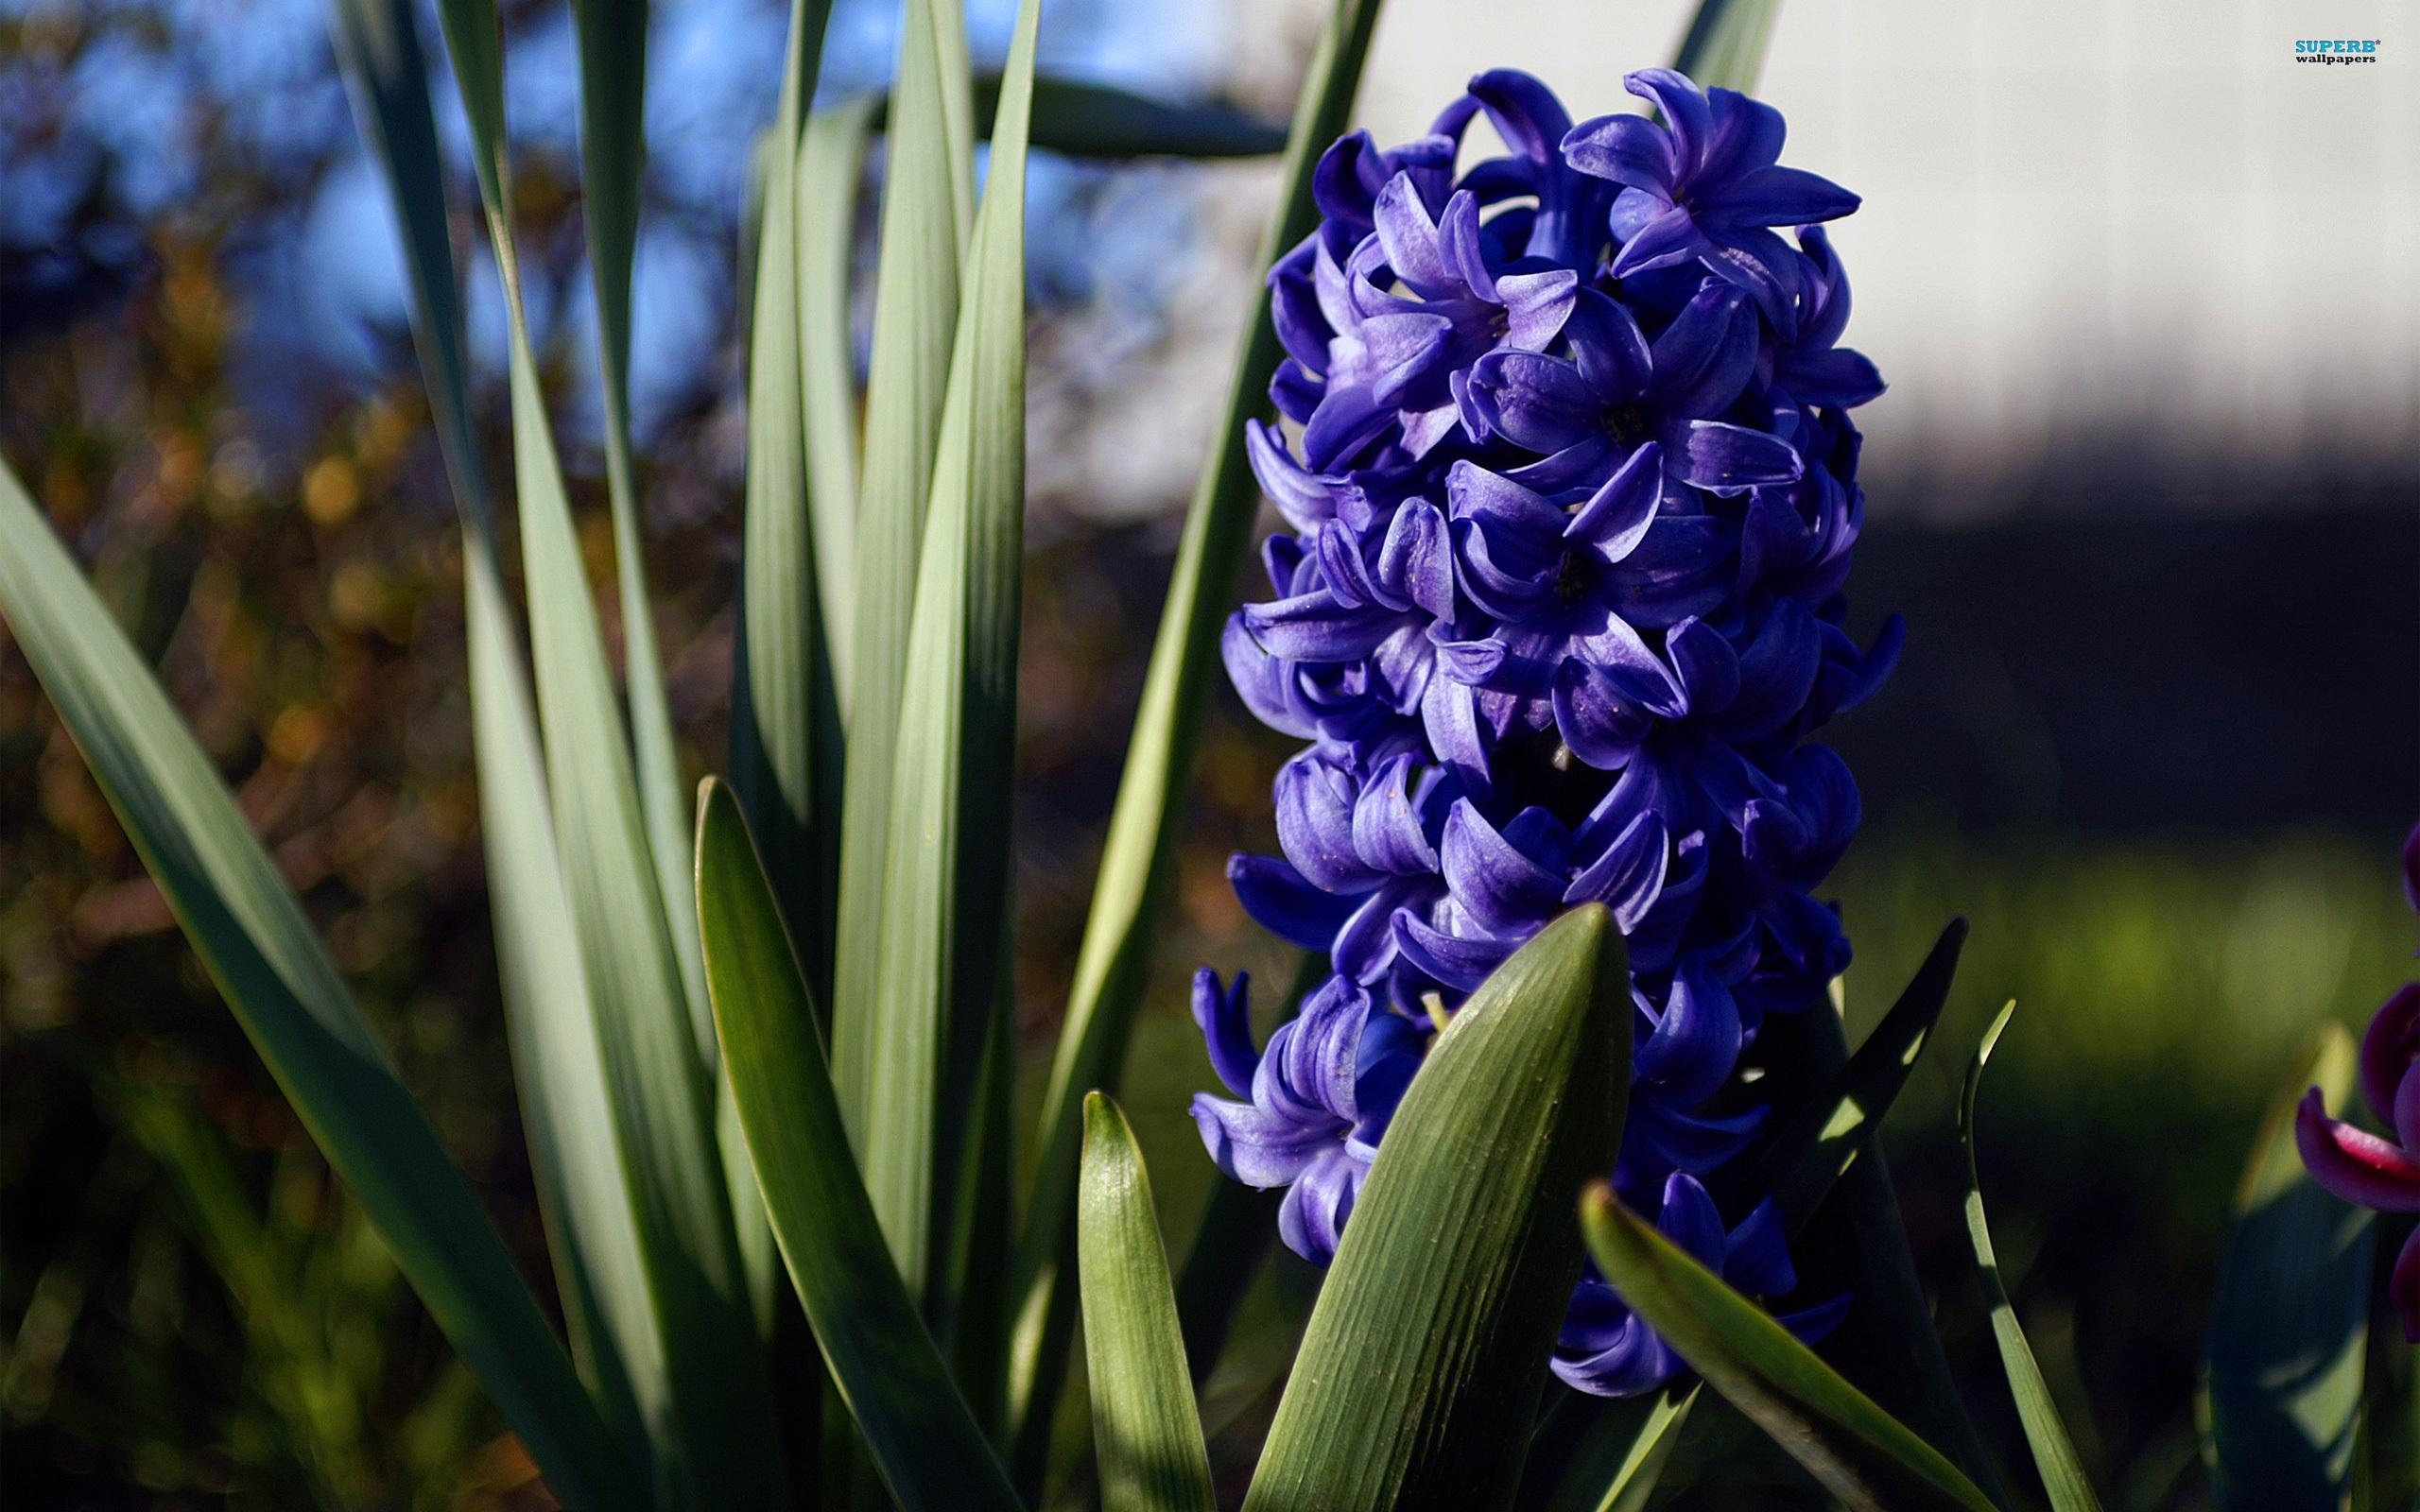 Hyacinth wallpaper 2560x1600